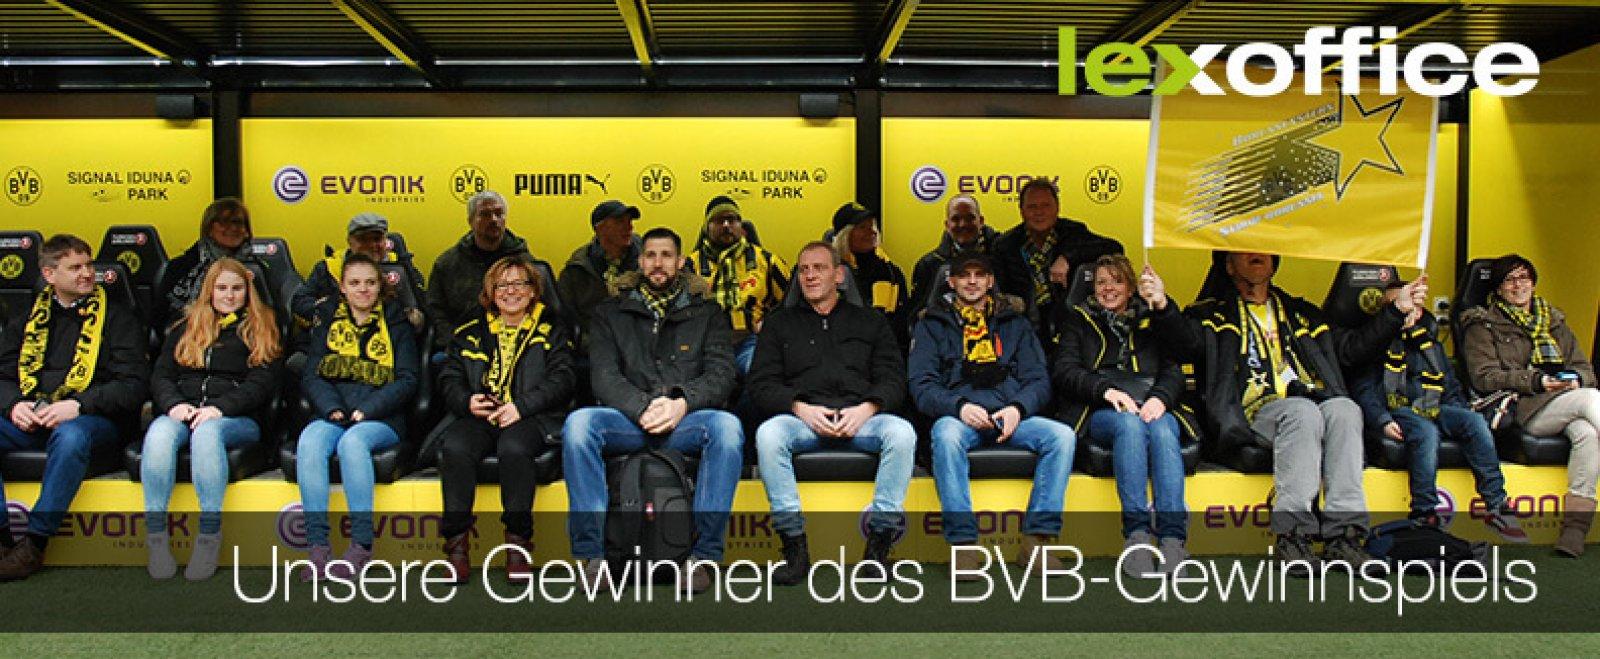 BVB-Gewinnspiel